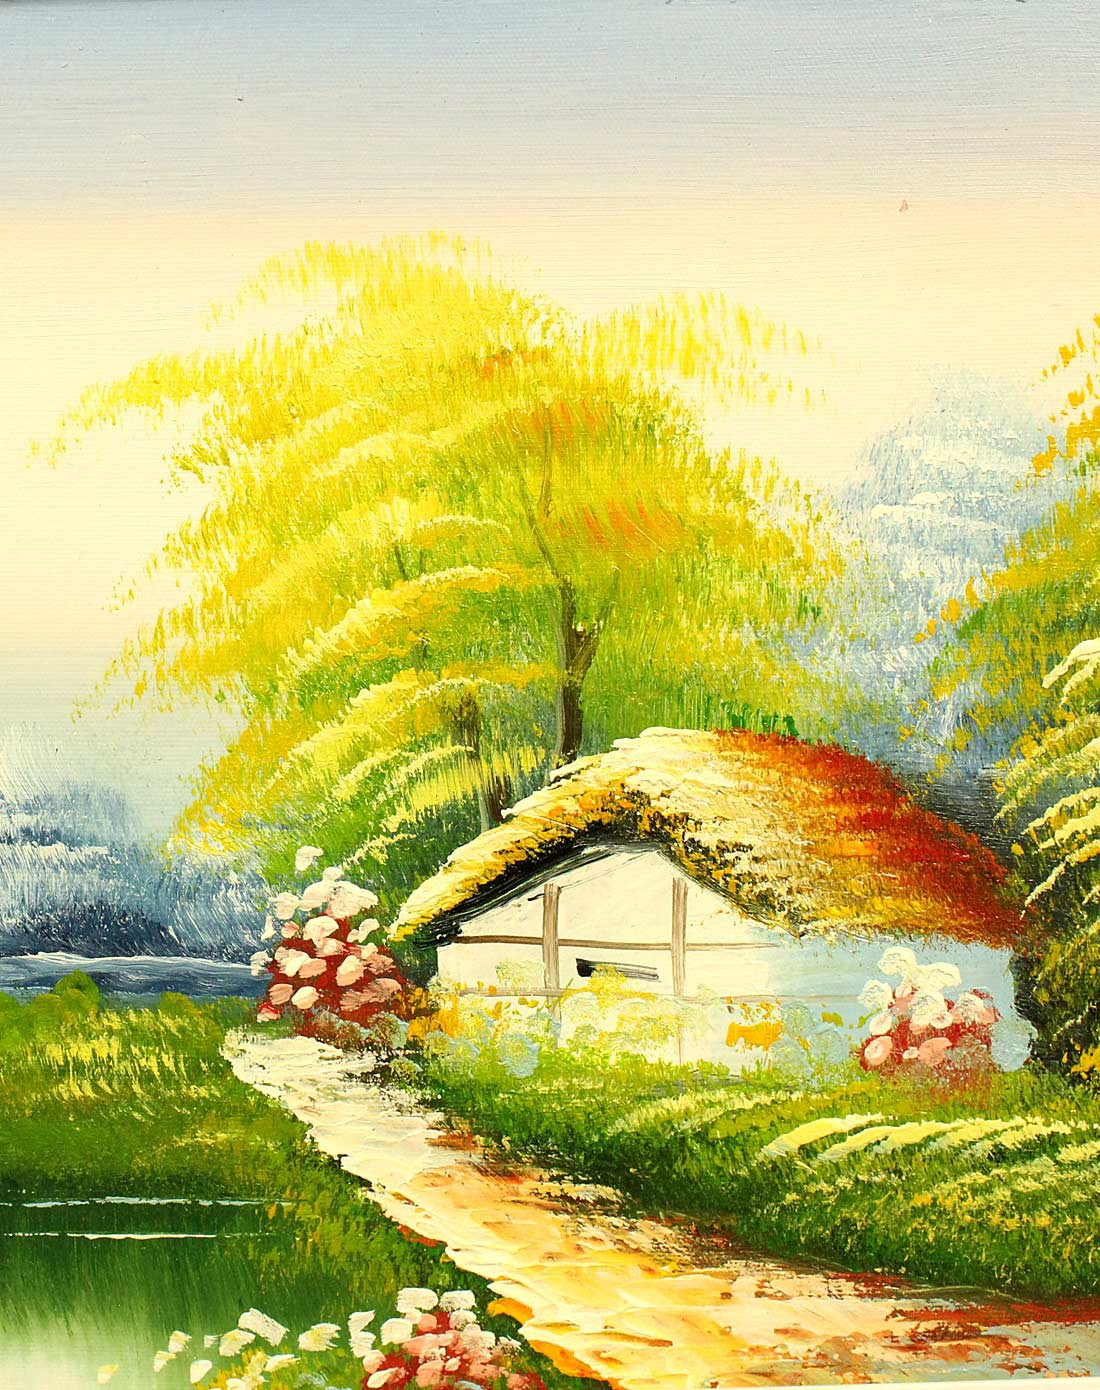 纯手绘风景油画林中小屋yh-1013